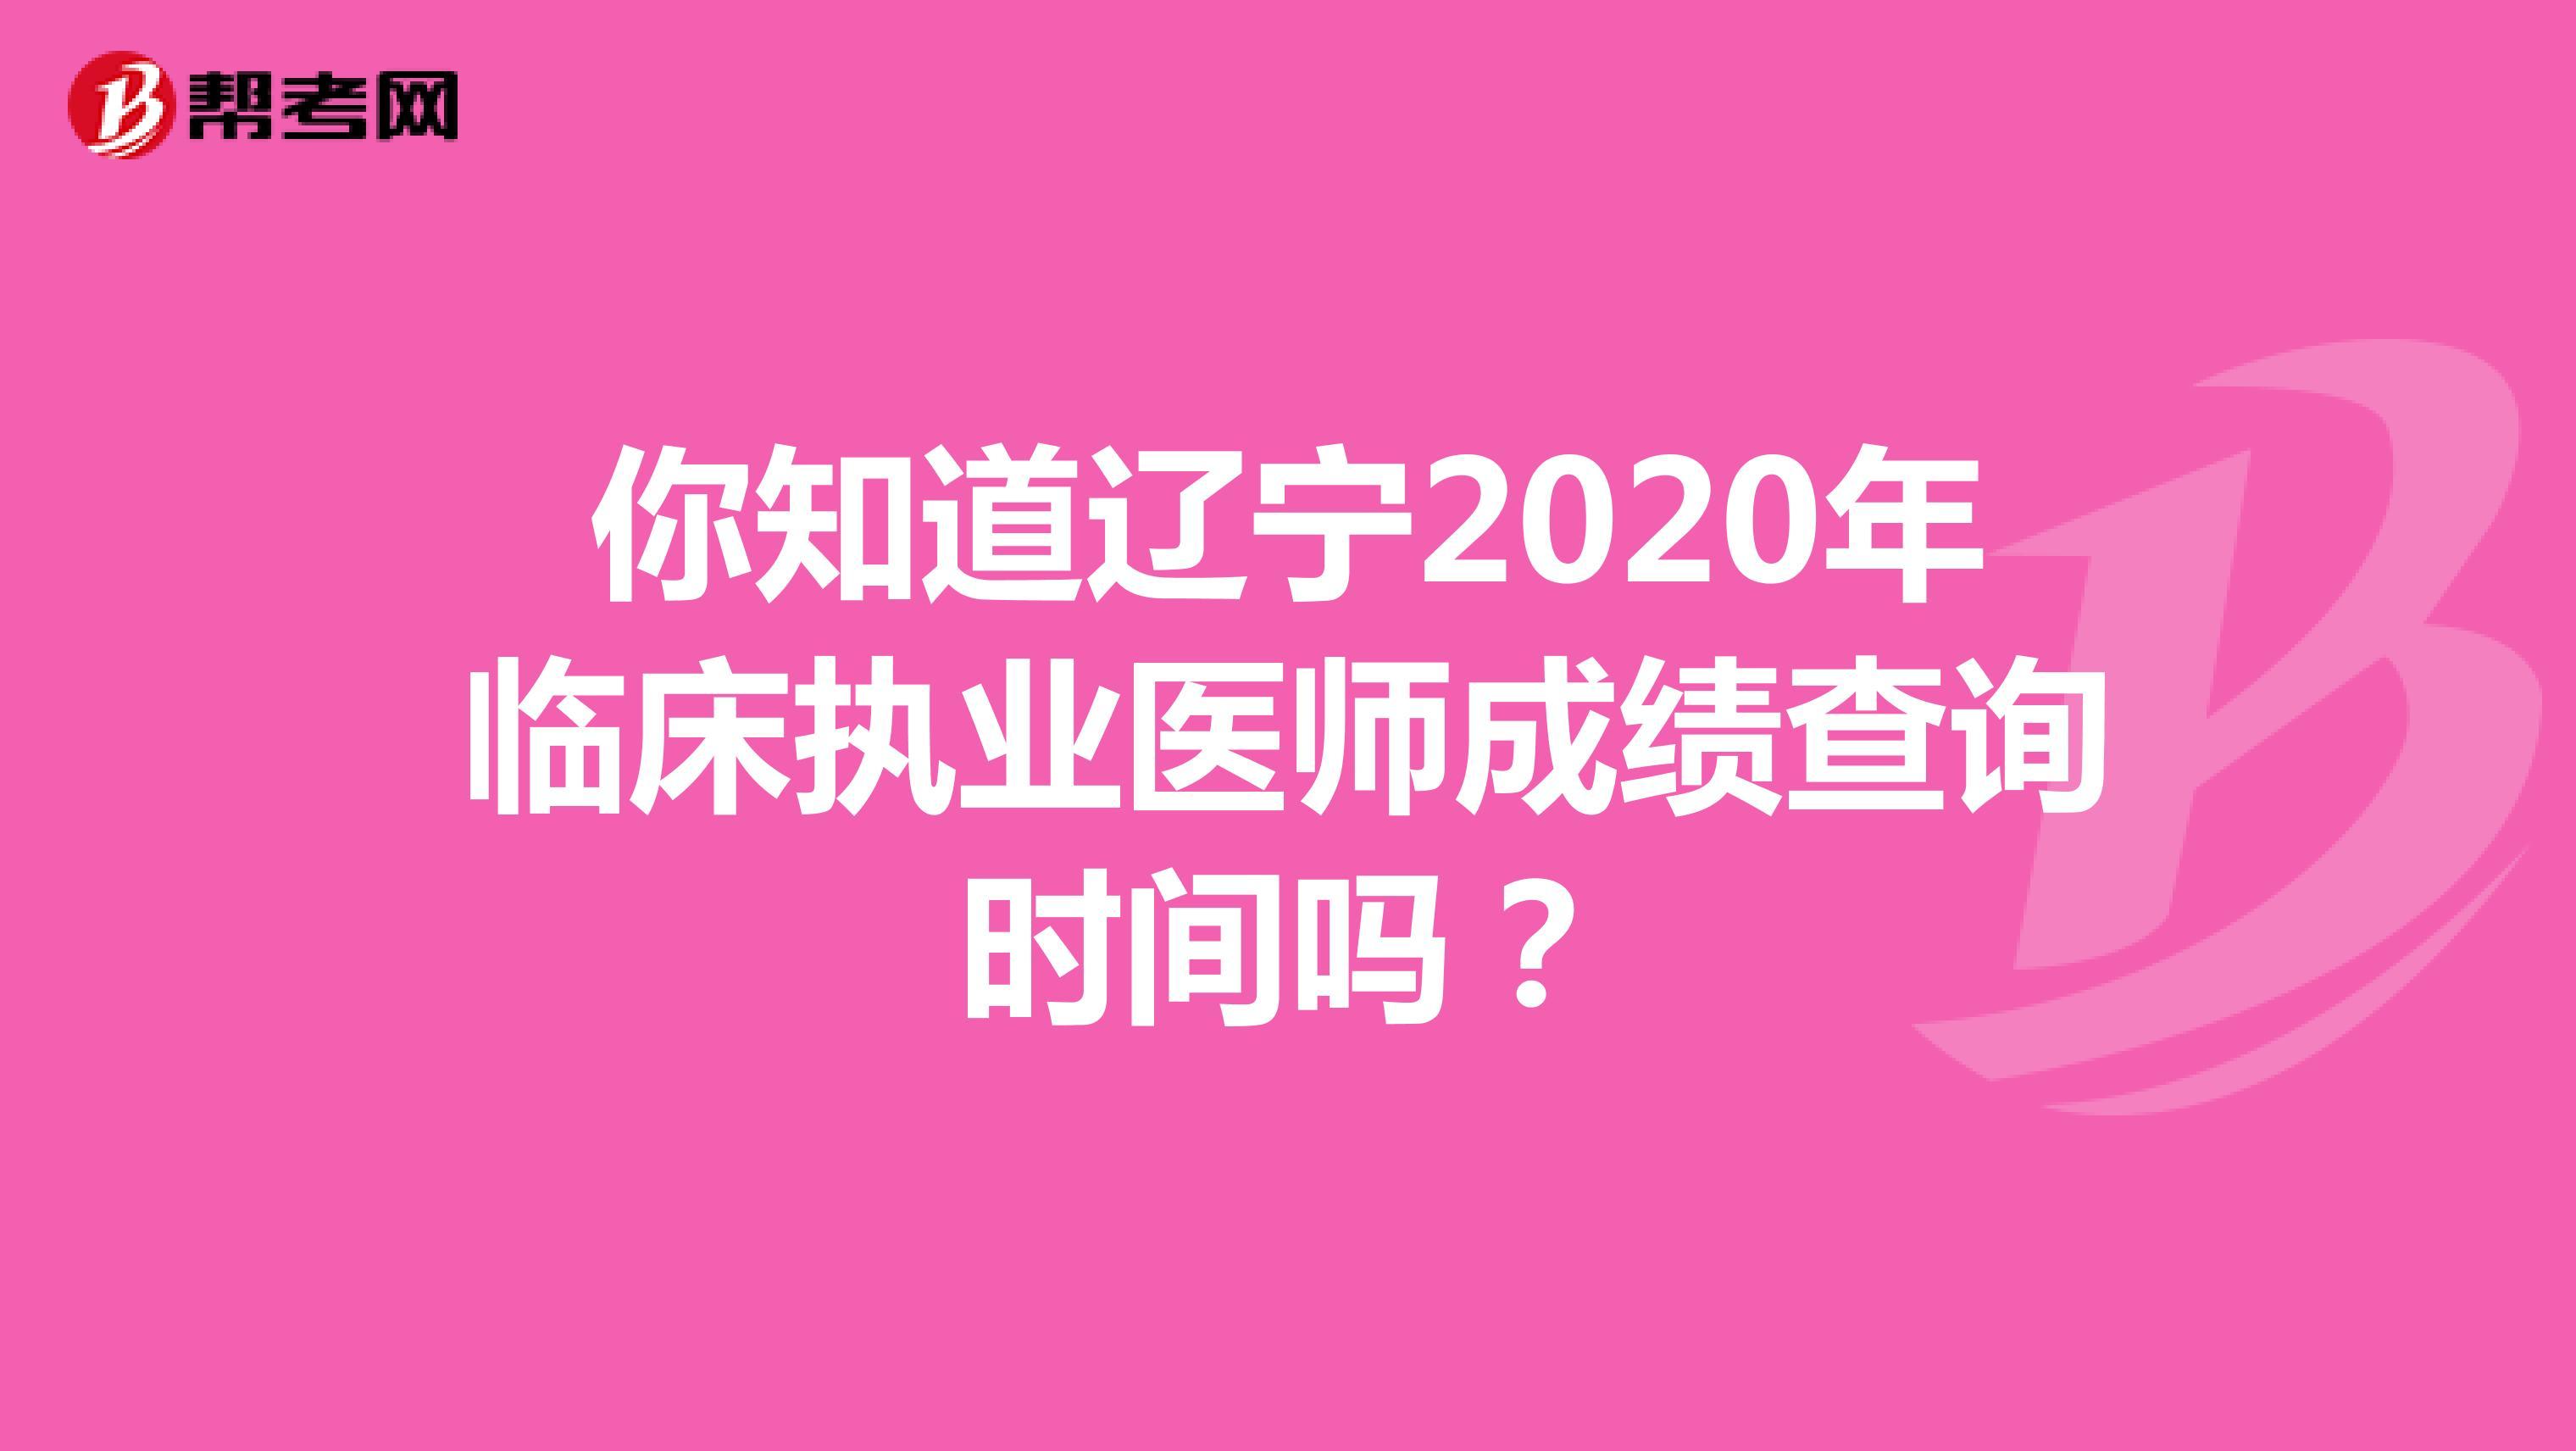 你知道辽宁2020年临床执业医师成绩查询时间吗?